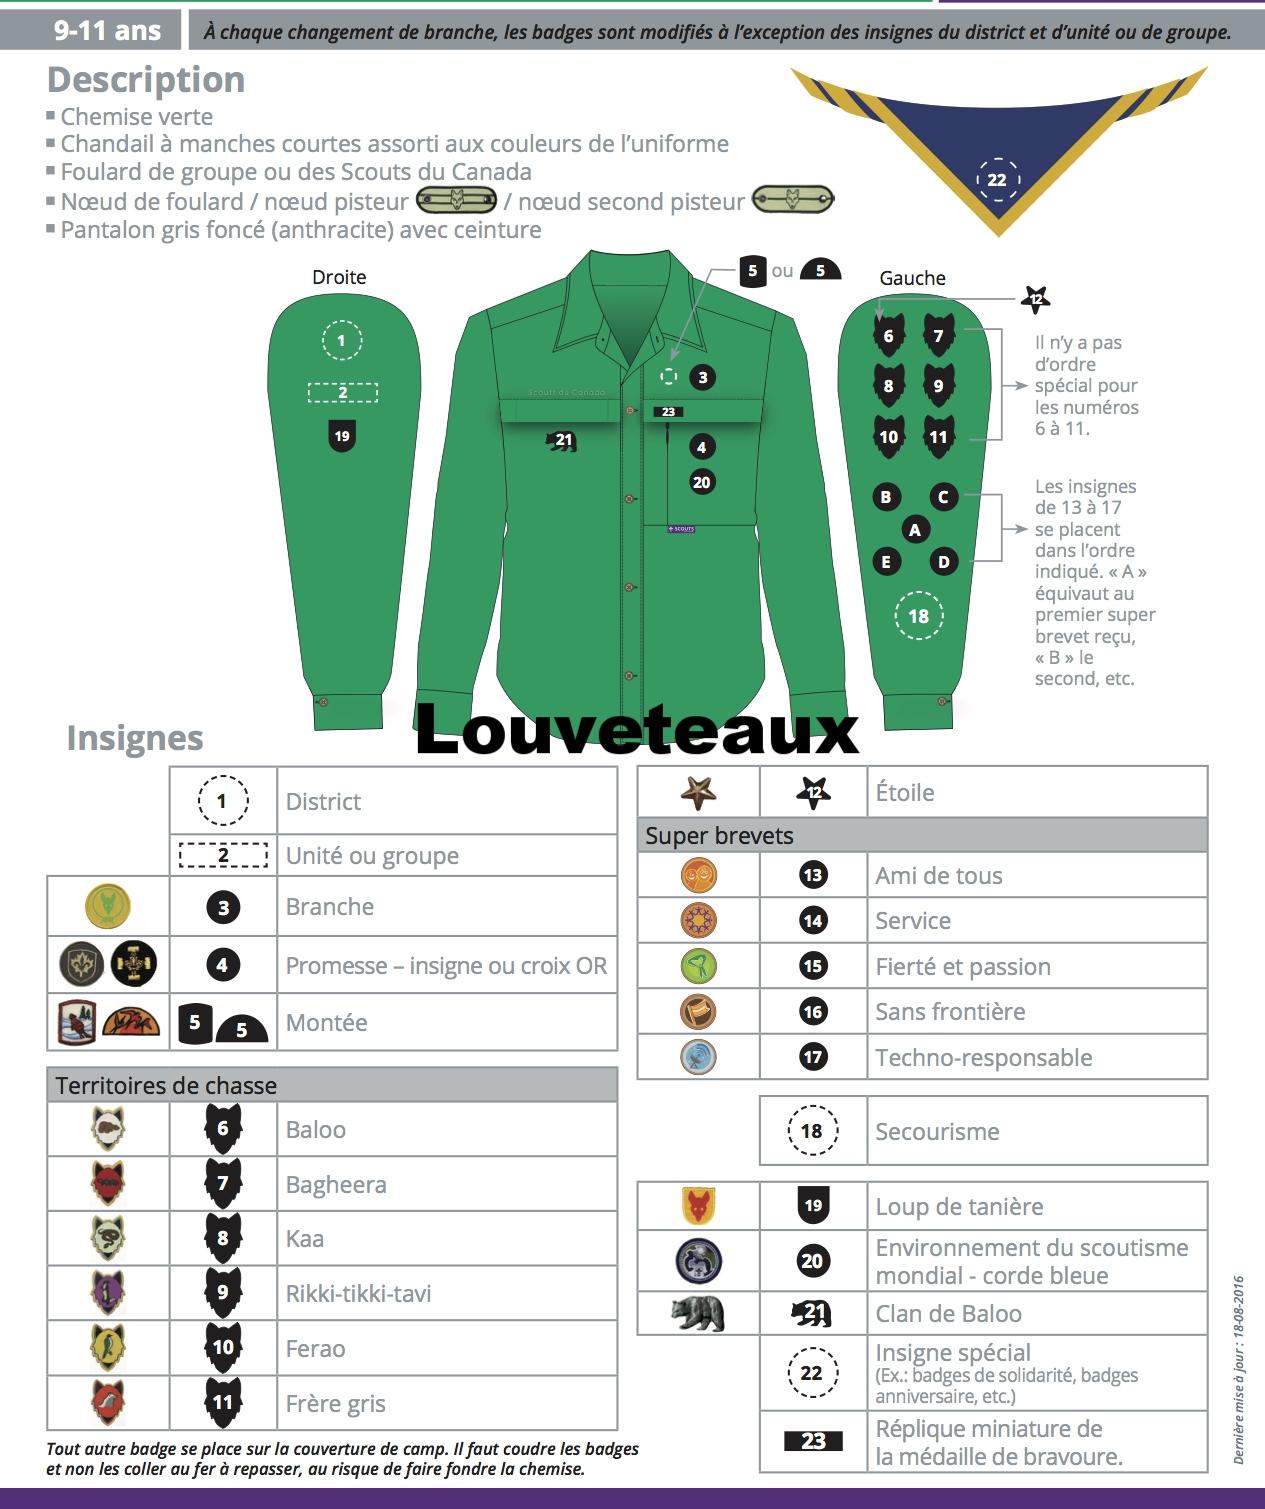 ASC-Charte des uniformes_Louveteaux 2012.jpg